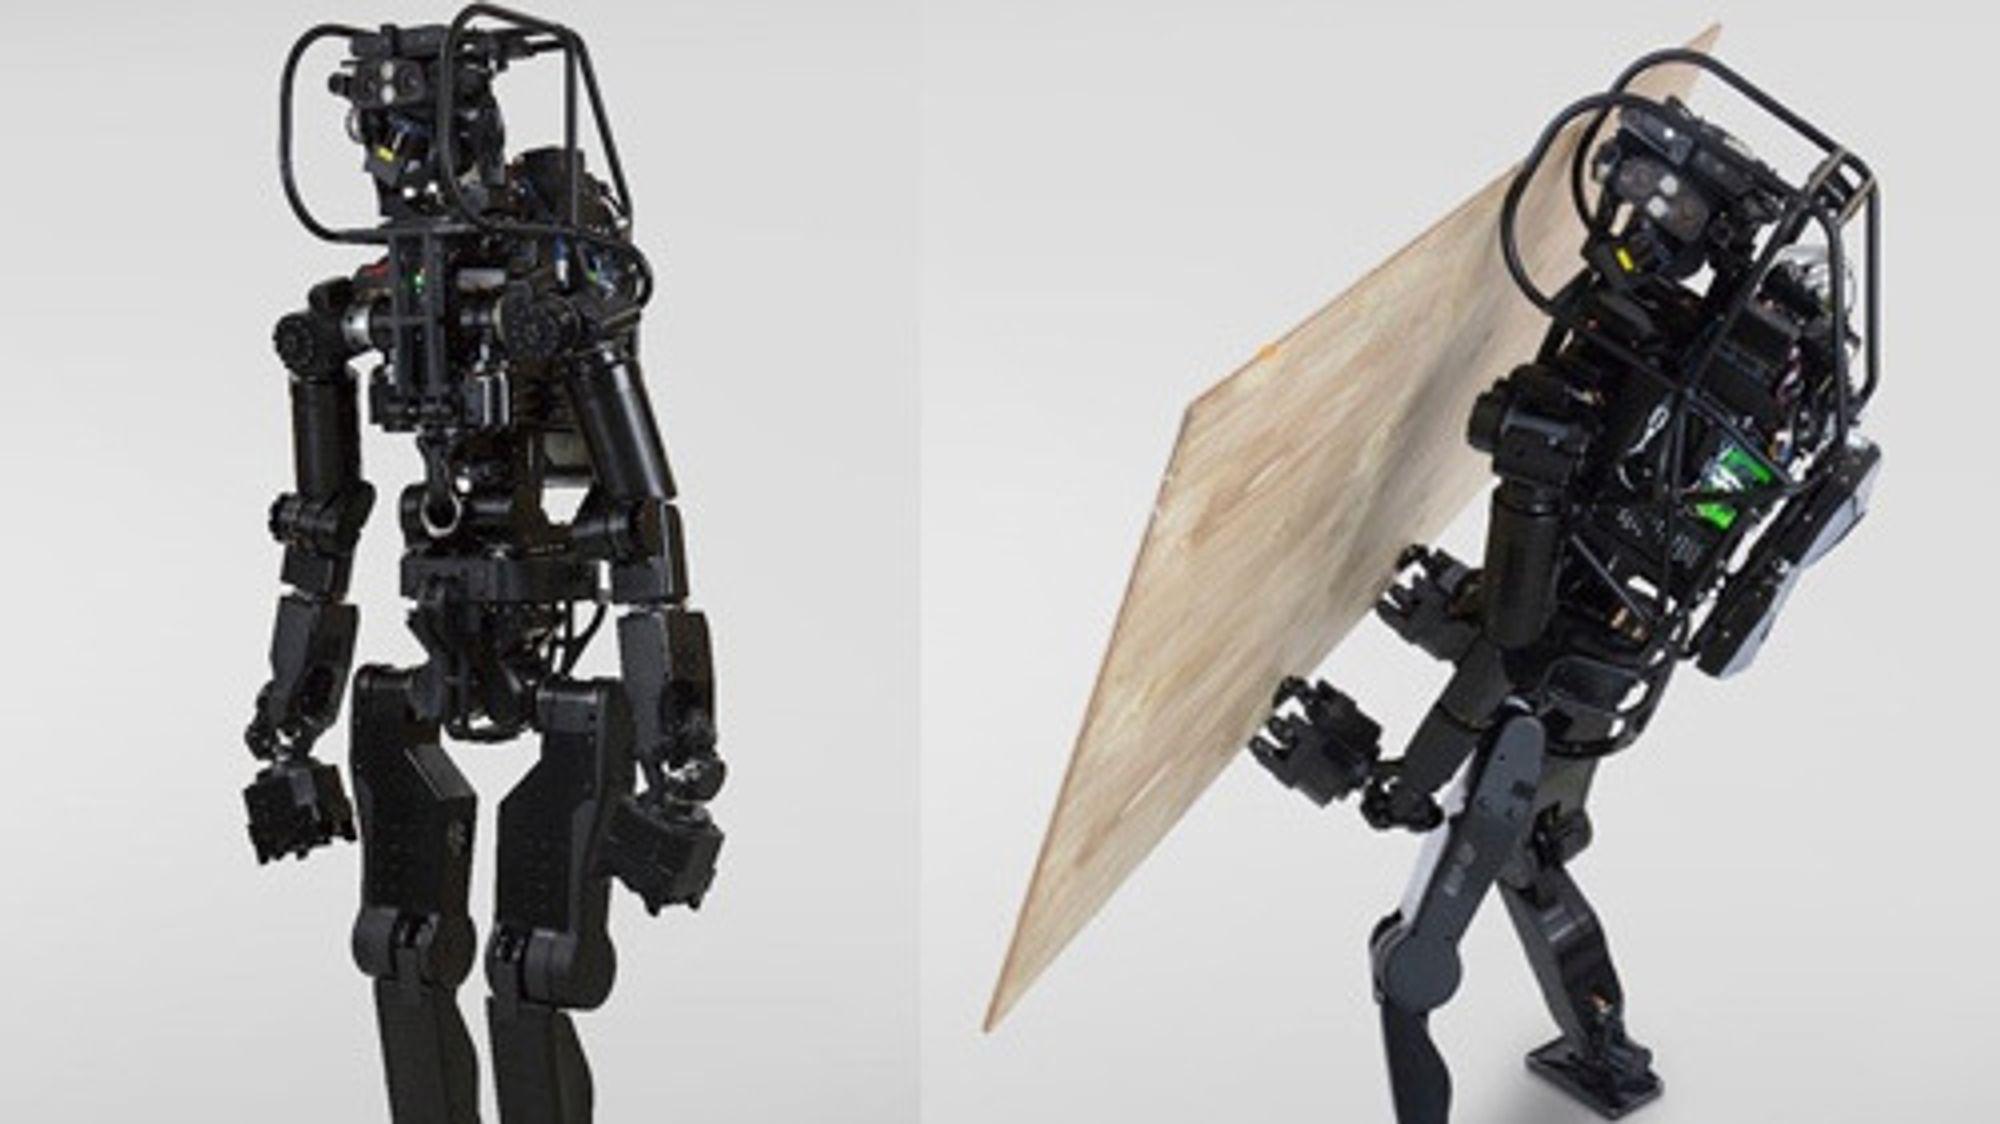 Denne roboten kan sette opp gipsvegger helt på egen hånd